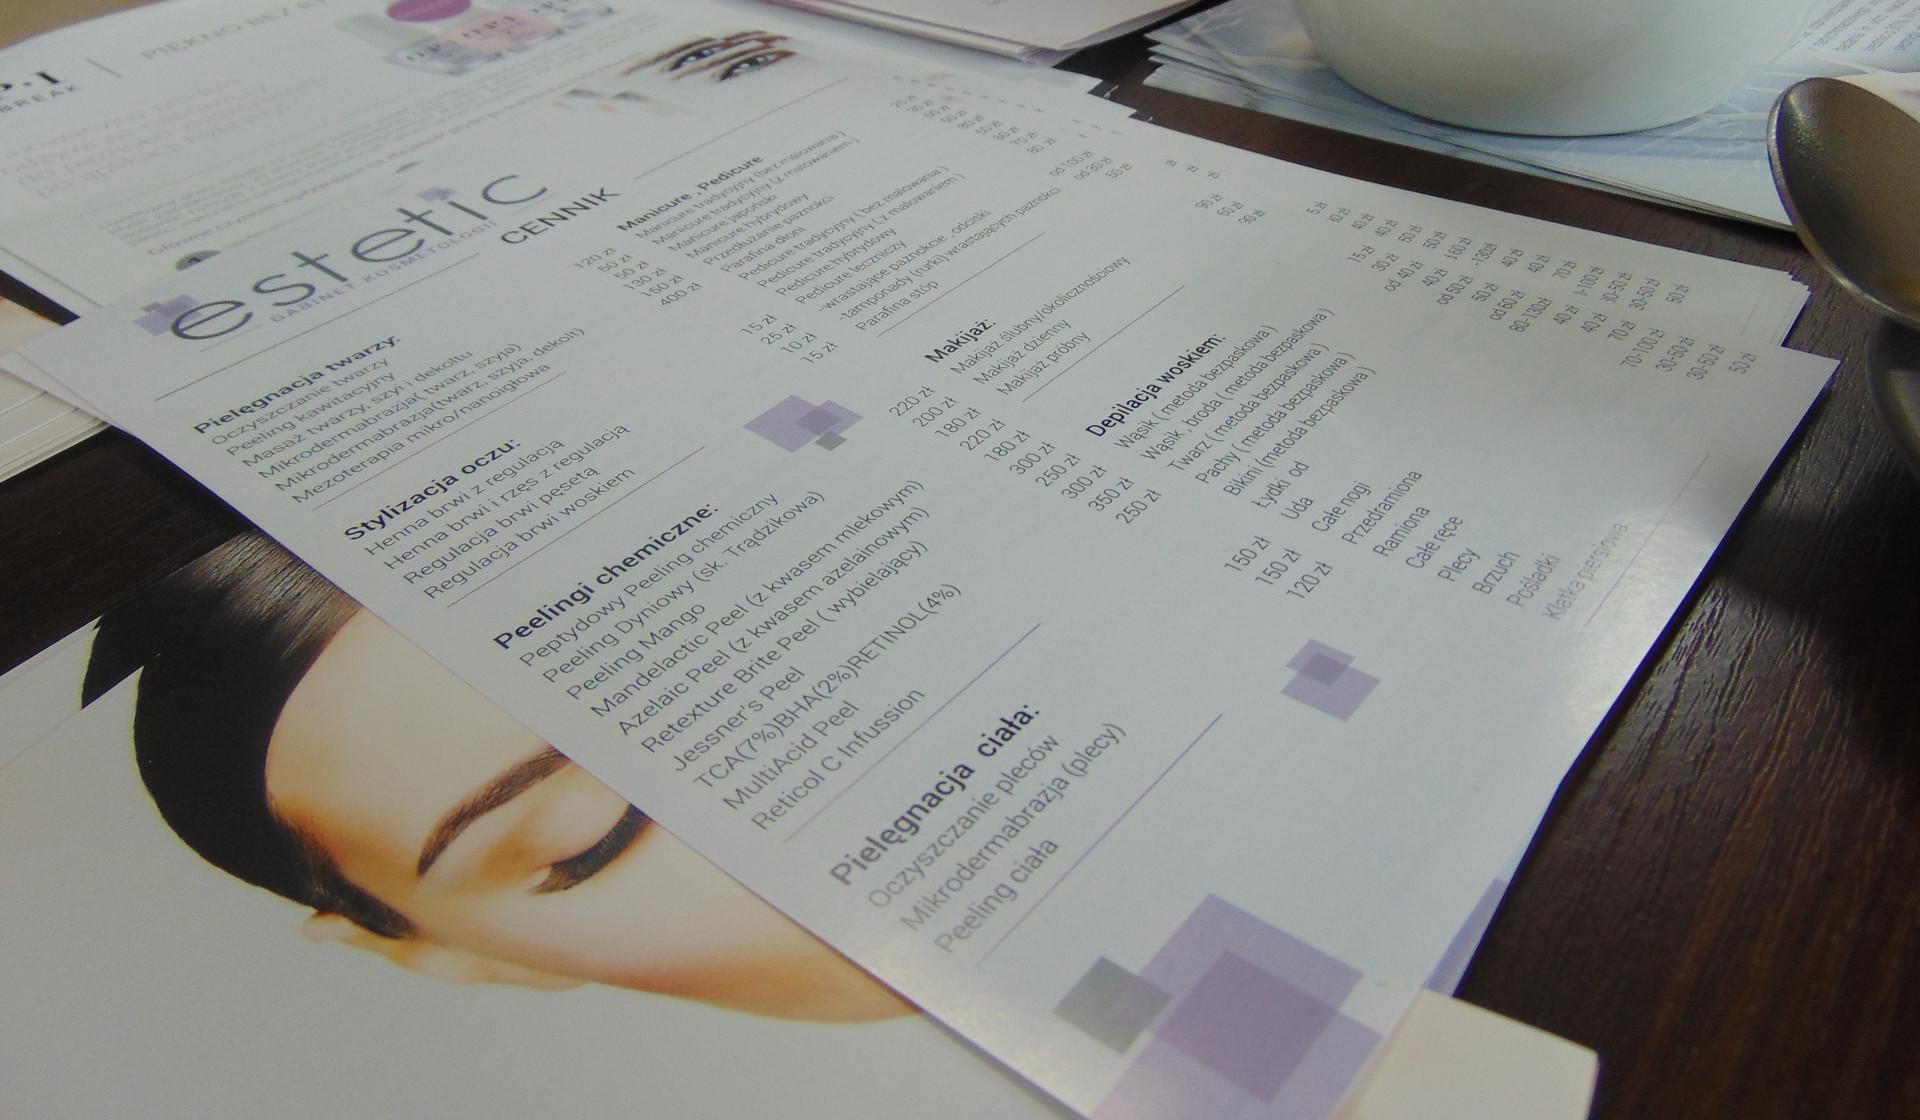 cennik usług estetic salon kosmetyczny